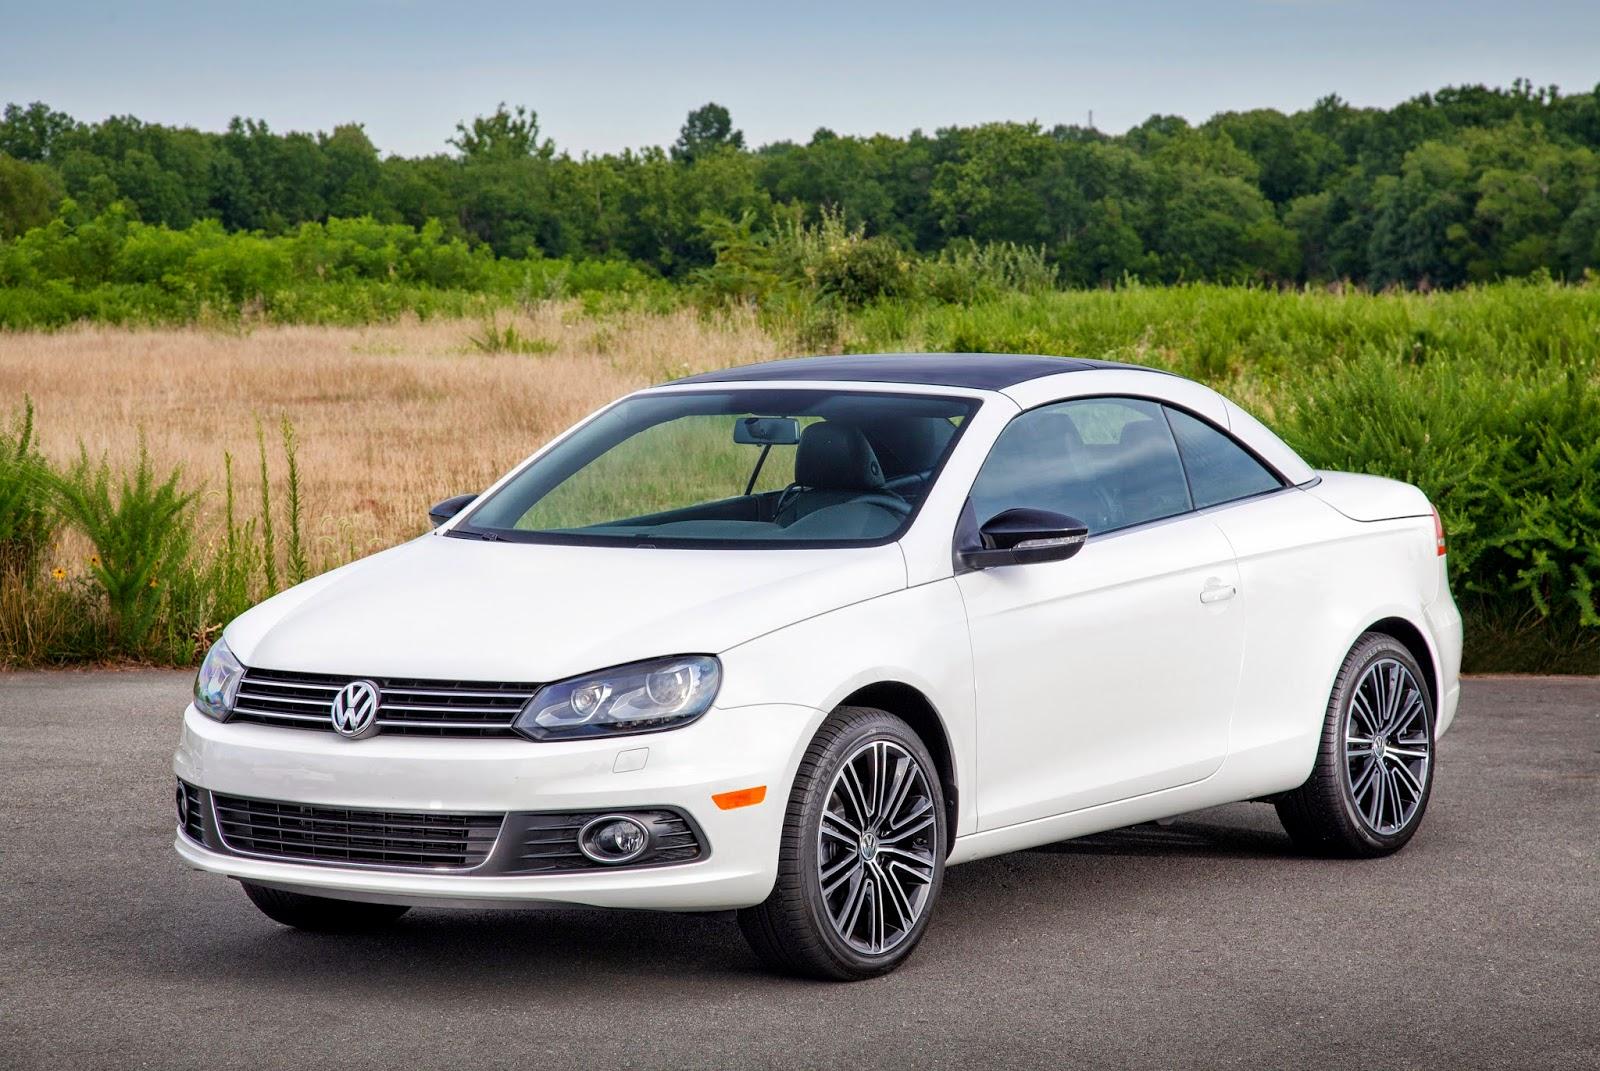 Front 3/4 view of 2014 Volkswagen Eos Sport